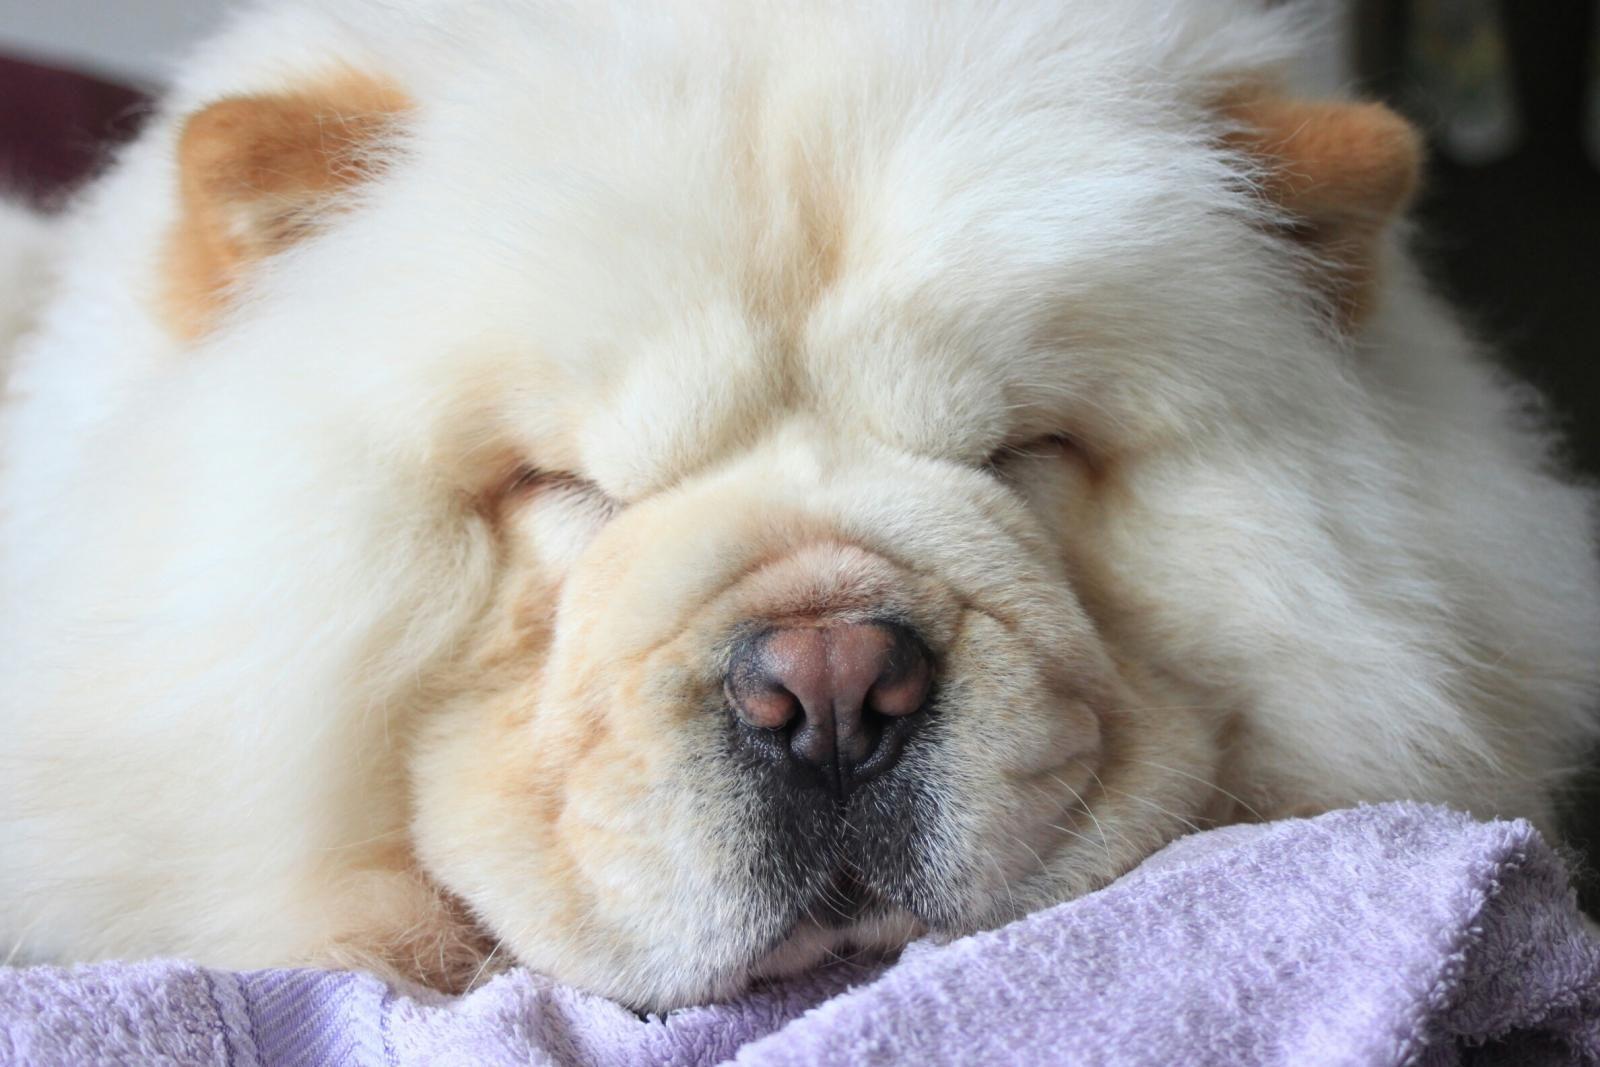 Rajapalayam Dog Wikipedia Gizmo Labrador Retriever For Adoption